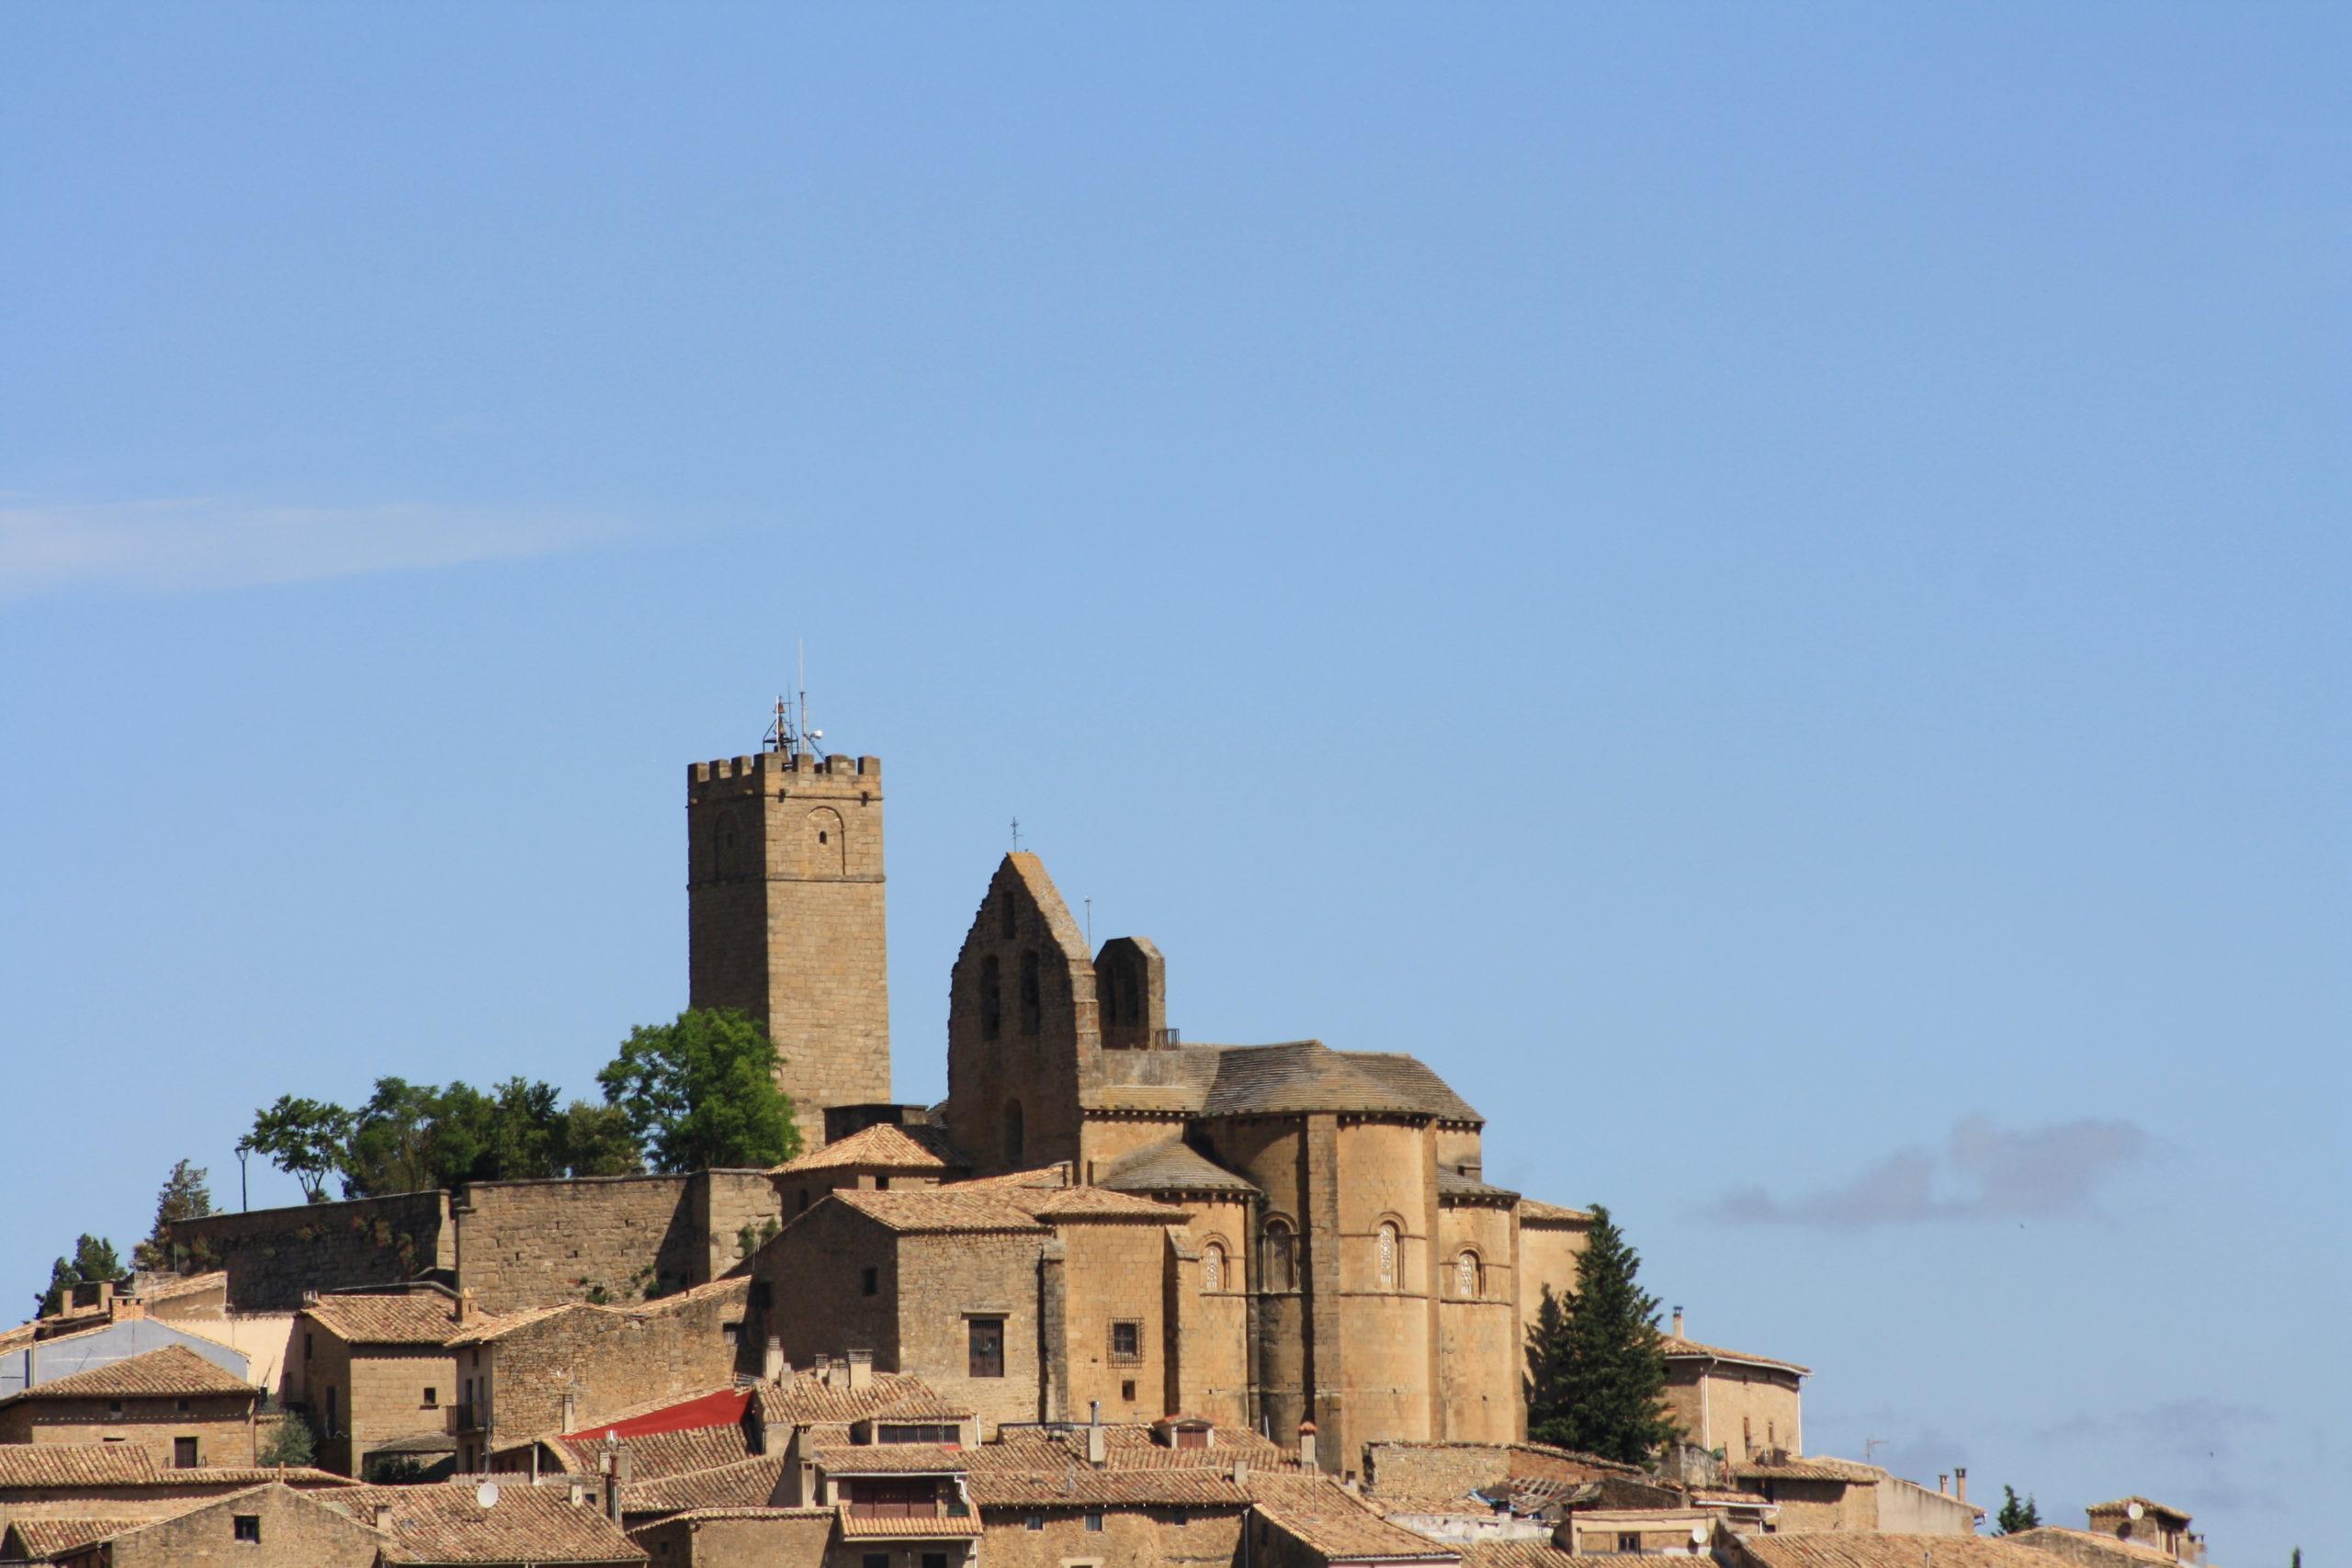 Castle of Sos del Rey Católico